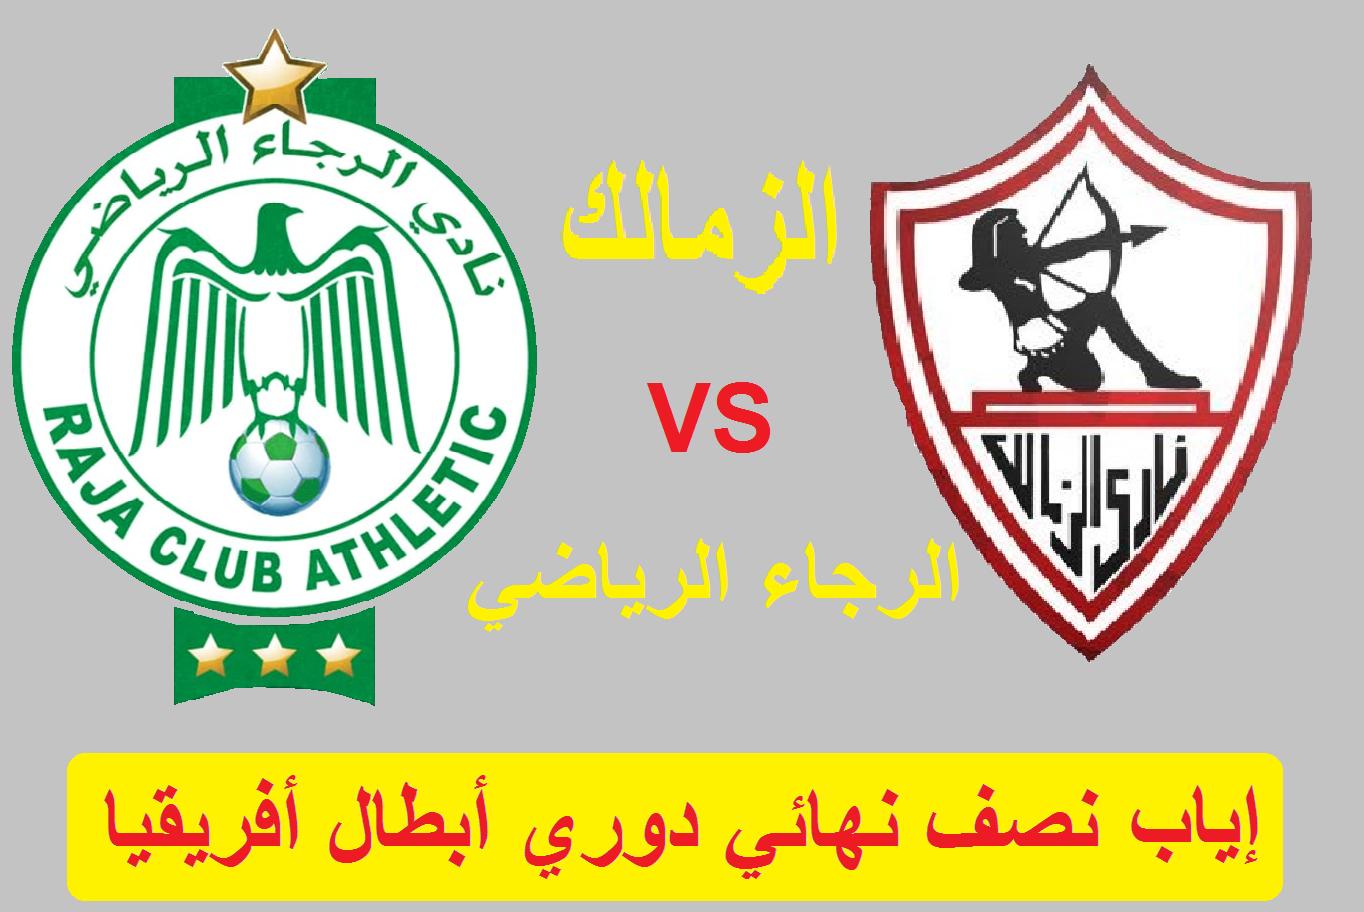 موعد مباراة الزمالك والرجاء الرياضي المغربي